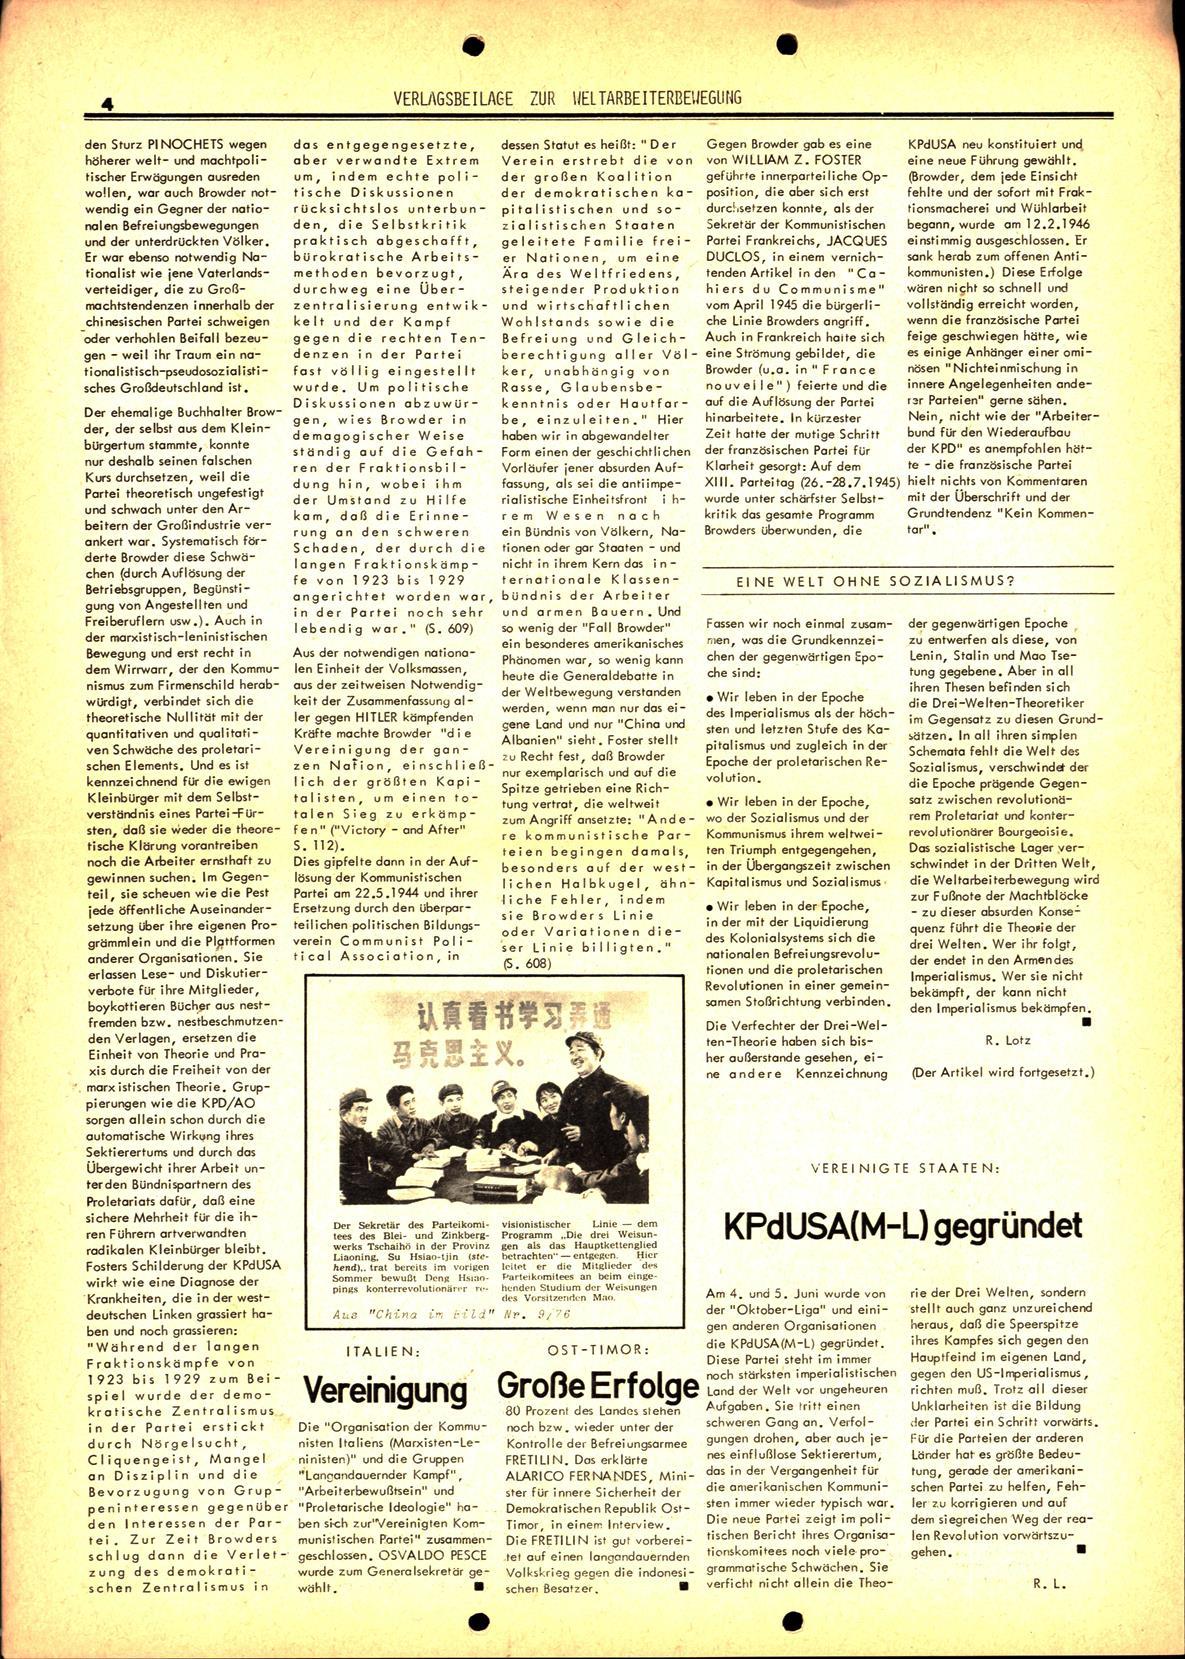 Koeln_IPdA_Einheit_1977_017_022